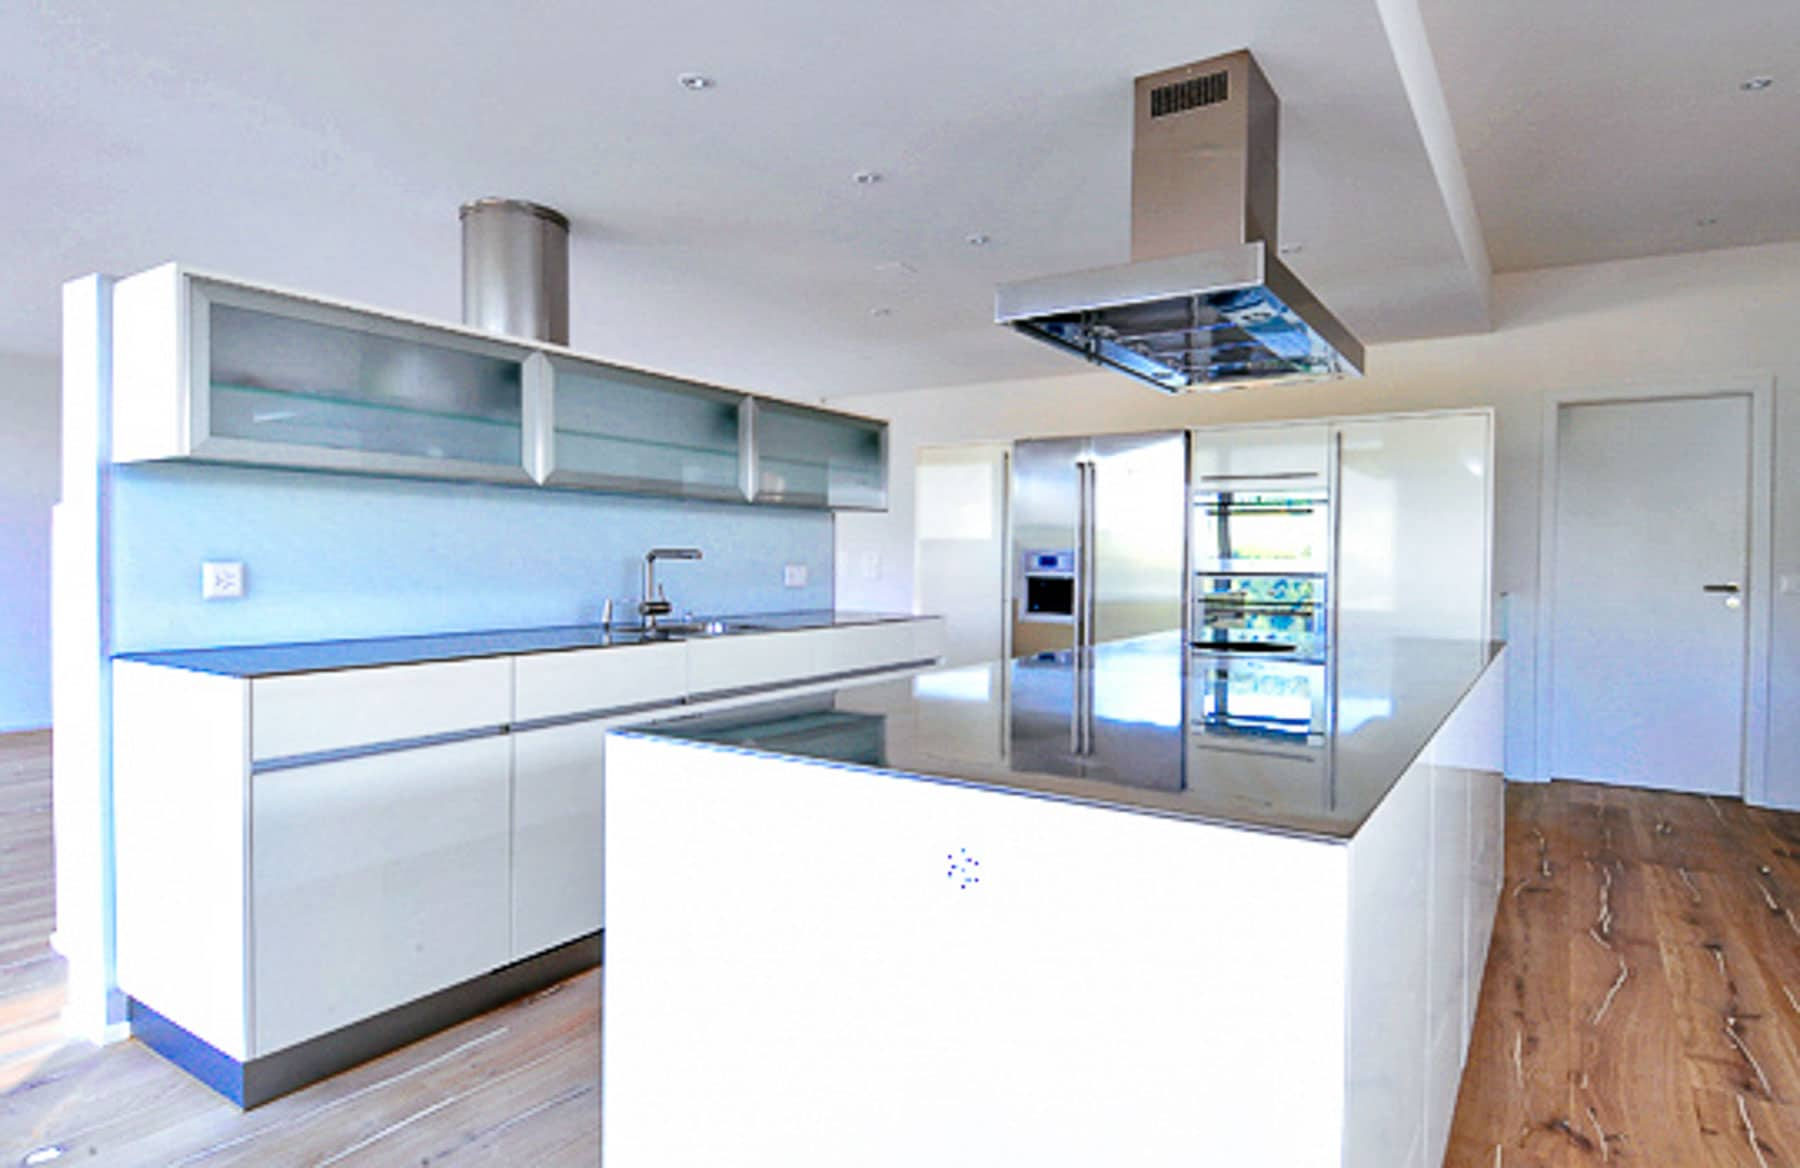 08-Küche leer–bearbeitet